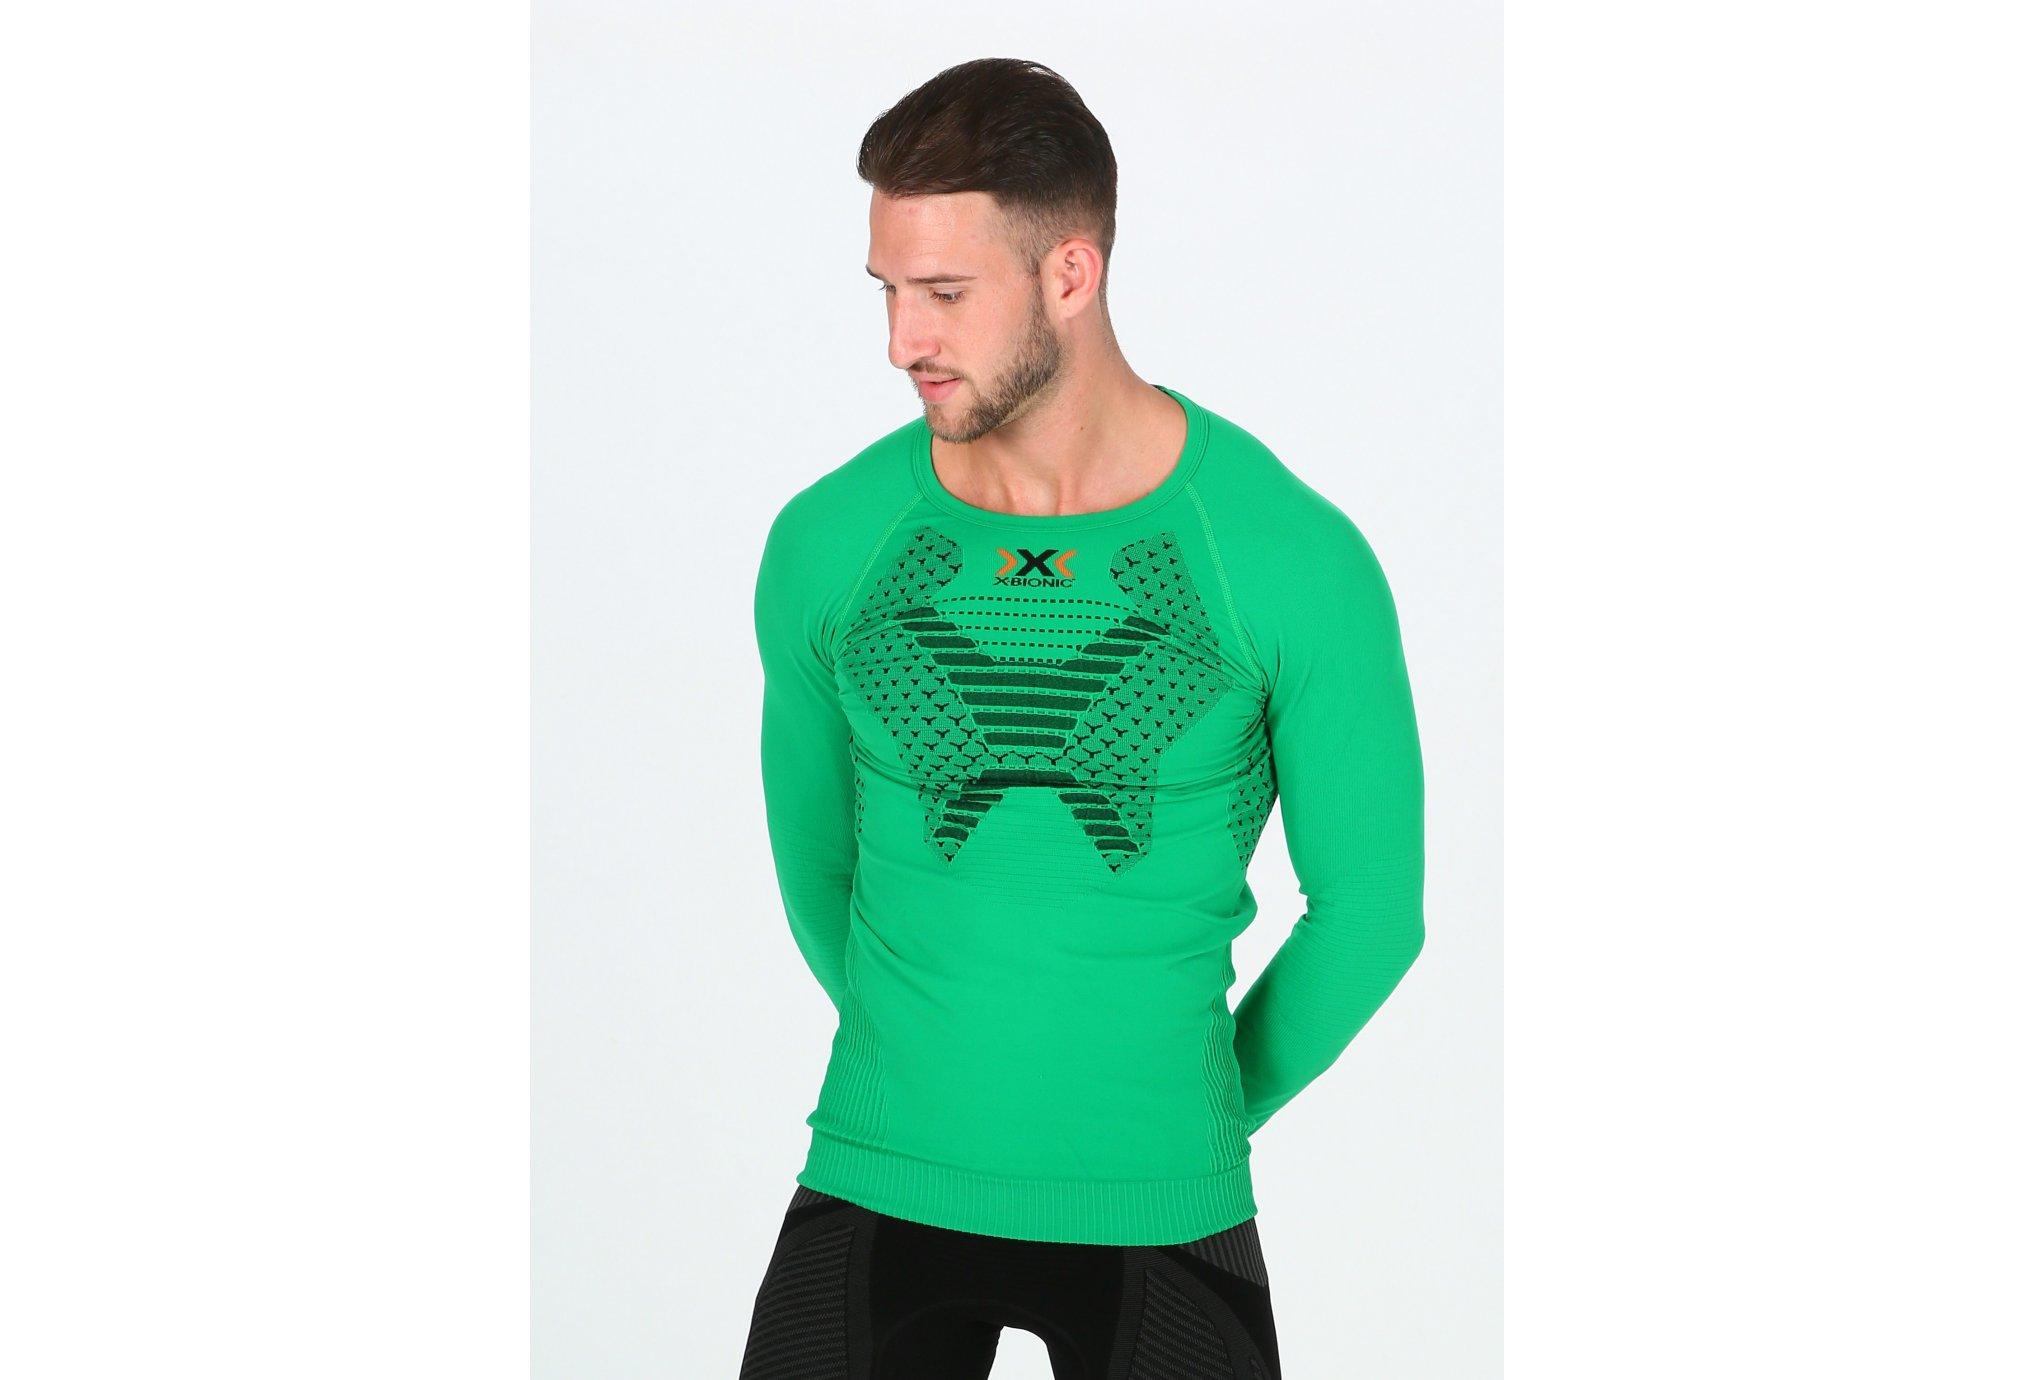 X-Bionic Twyce Run M Diététique Vêtements homme